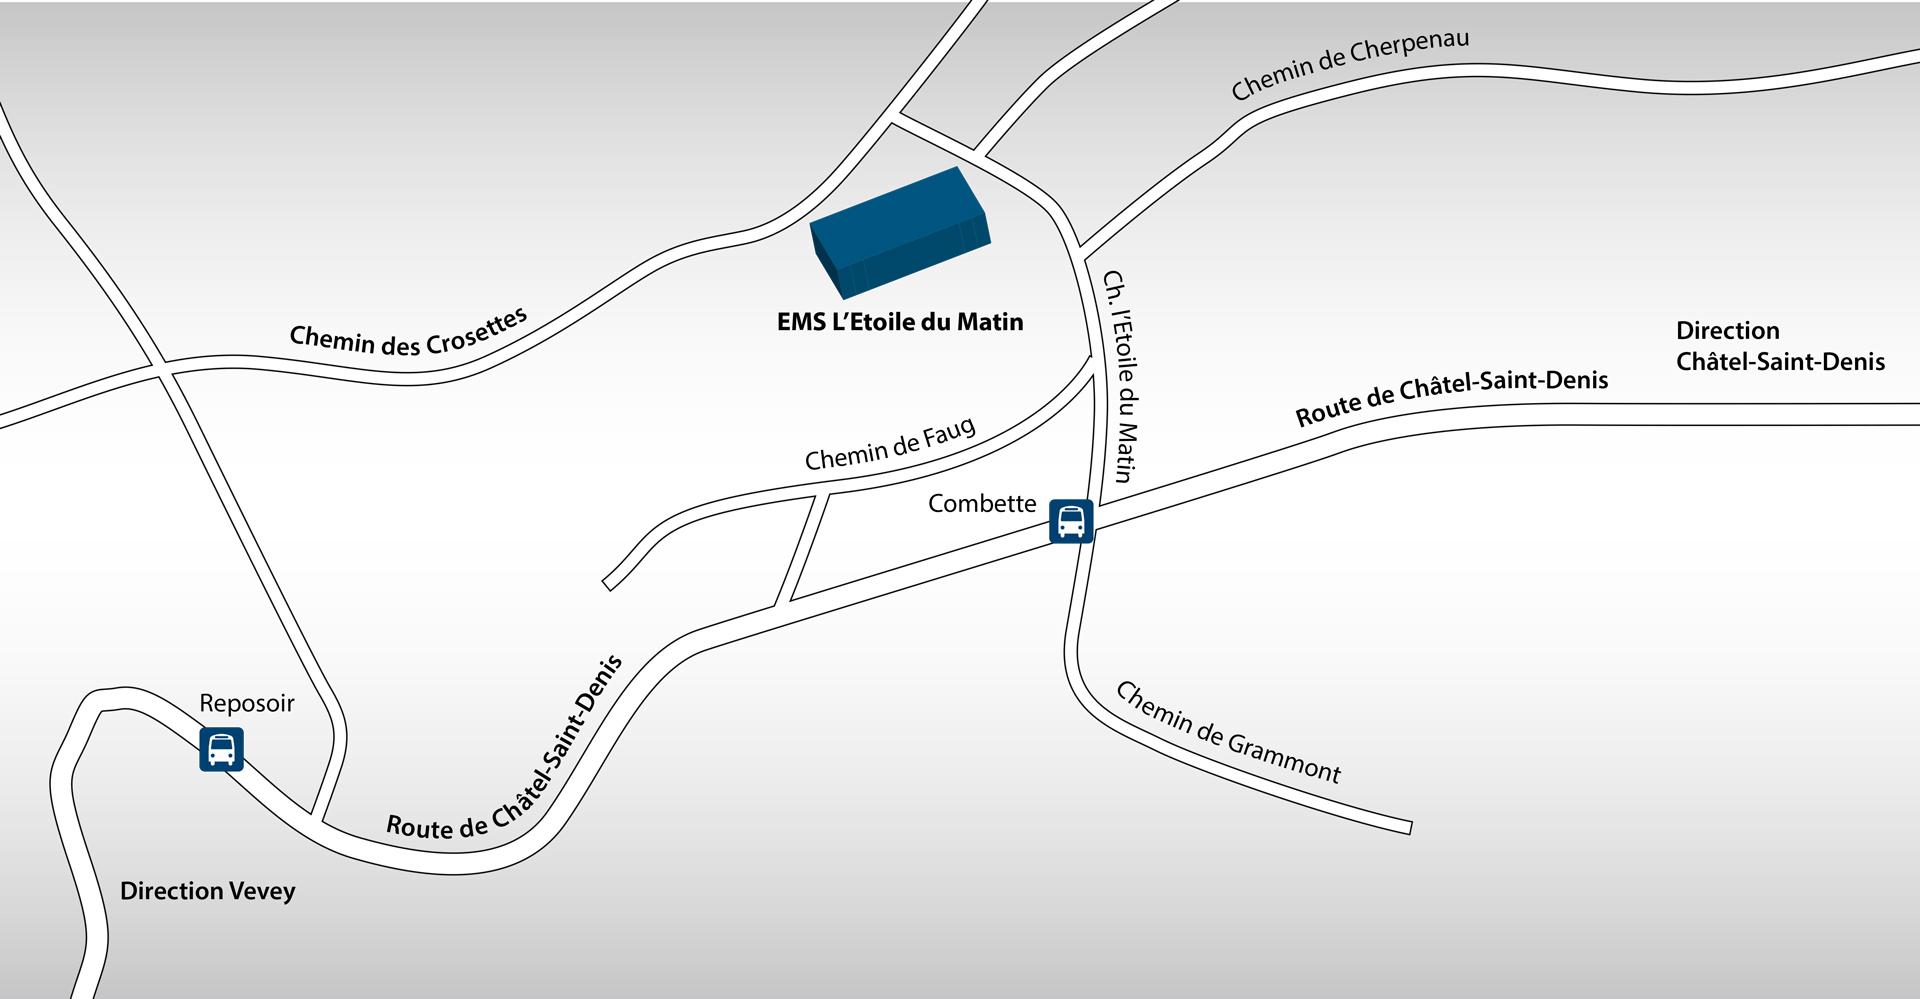 L'accès est aisé en voiture et deux parkings jouxtent l'établissement. L'arrêt de bus, La Combette, des lignes Vevey-Châtel-Saint-Denis et Vevey–Attalens, (toutes les heures) se trouve juste en dessous, à 5 minutes à pied de l'Étoile du Matin. Le funiculaire Vevey–Corseaux-Mont-Pèlerin, avec arrêt à Chardonne, permet également de rallier l'établissement au prix d'un petit effort physique (marche d'environ 25 minutes).